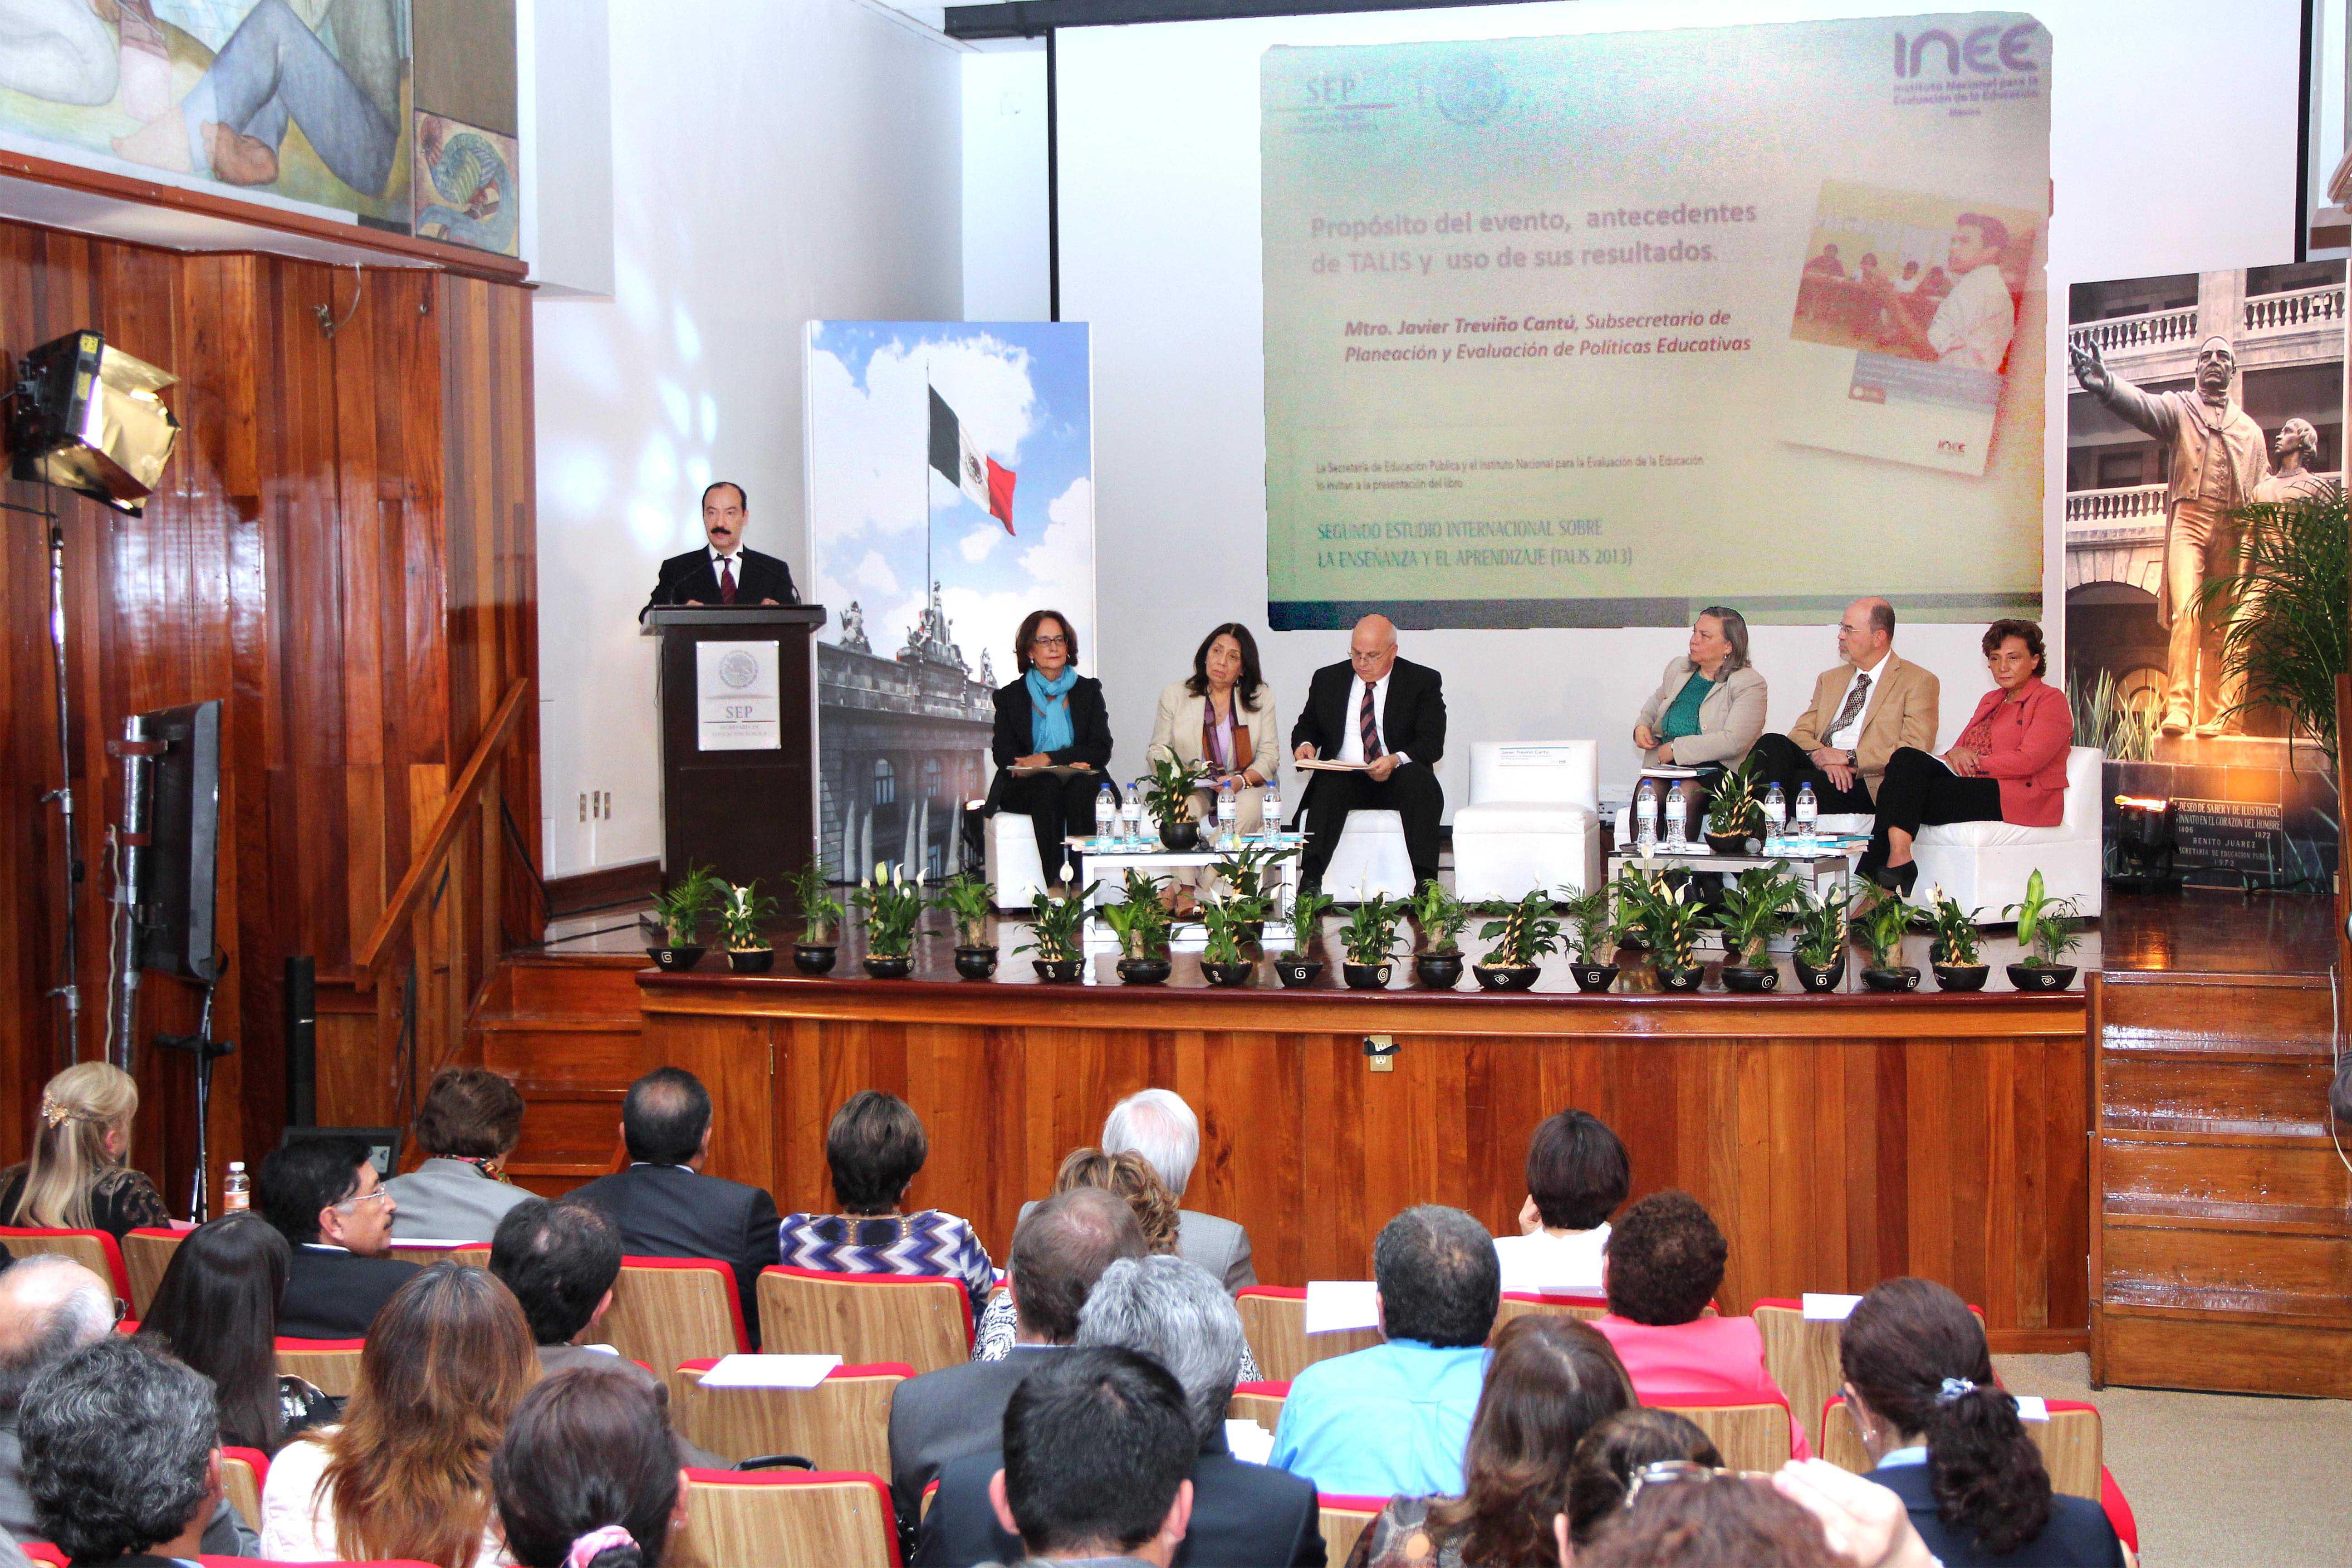 Presentan SEP e INEE los resultados que obtuvo México en el Estudio Internacional sobre la Enseñanza y el Aprendizaje 2013 (TALIS) de la OCDE.